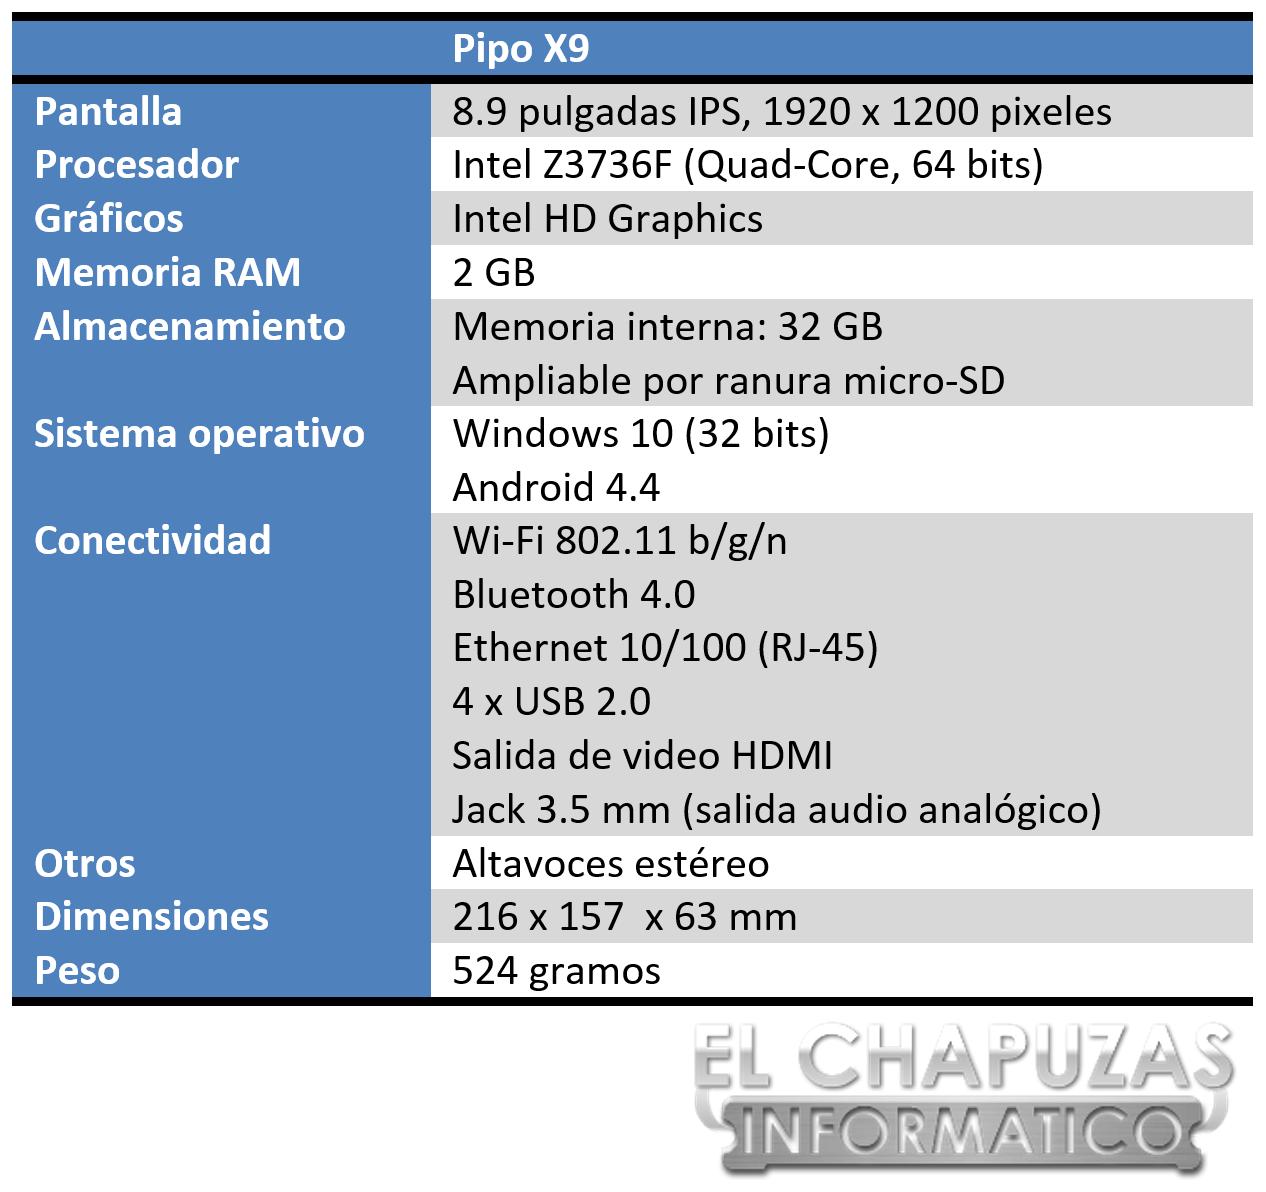 Pipo X9 Especificaciones